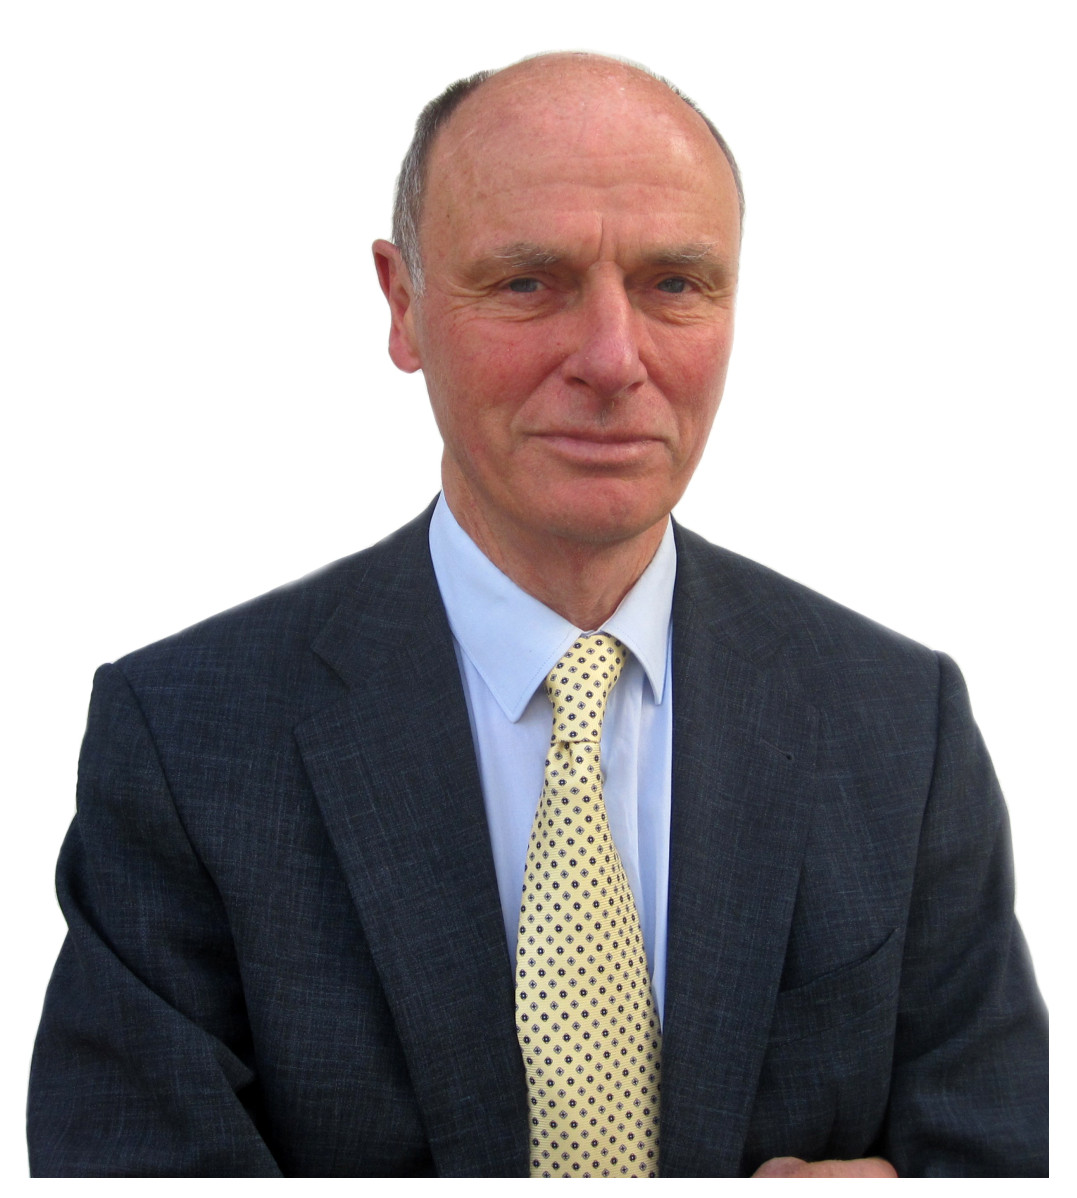 Stewart Edge